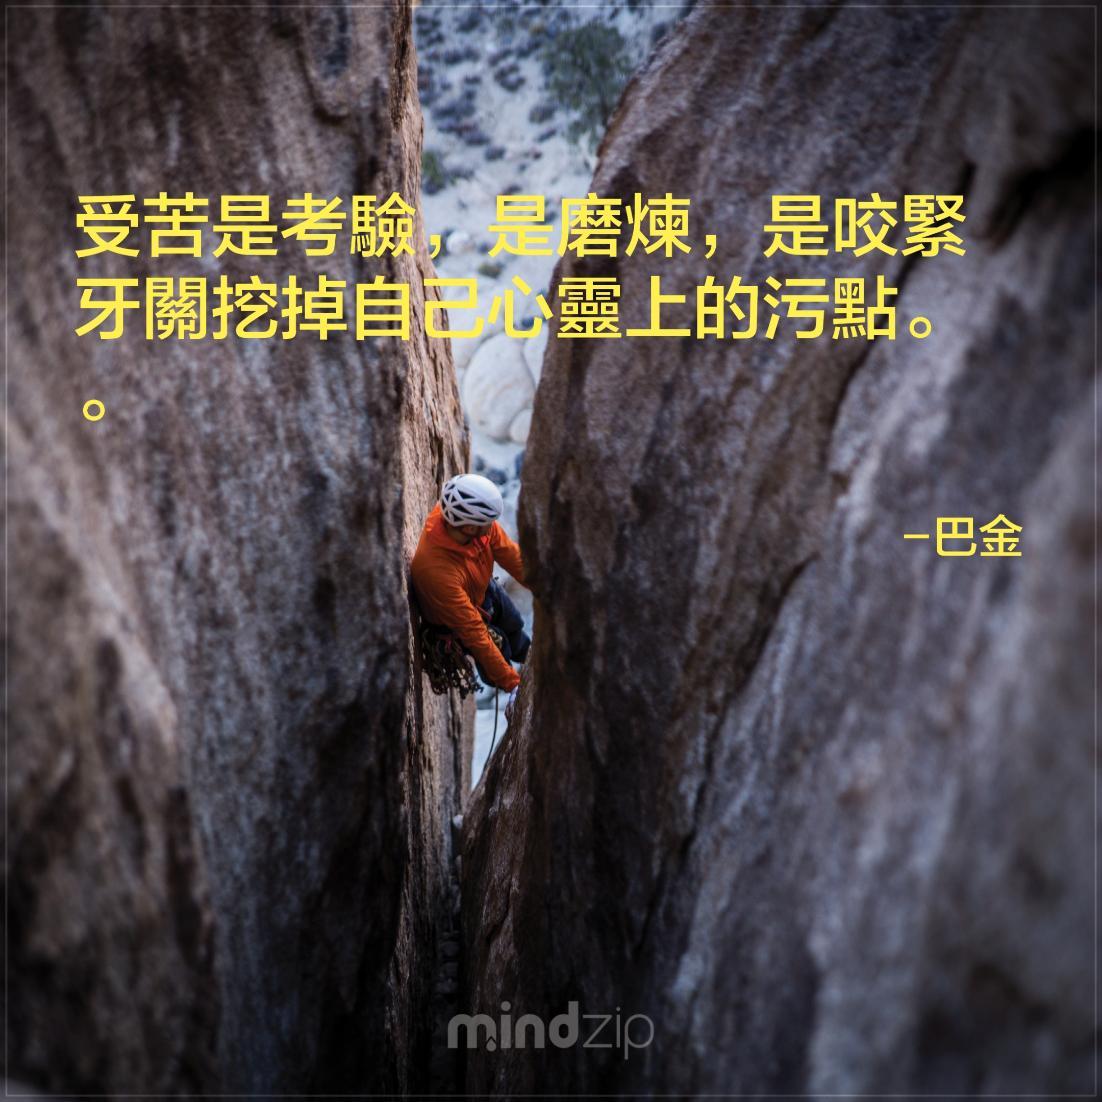 每個成功的人都是苦過來的,因為這使他們更強壯! https://get.mindzip.net #巴金 #語錄 #語錄分享 #成功 #激勵人心 #生活 #人生#磨練 #考驗 #苦 #自己 #心靈 #正面能量 #每日一句 #CitaPix #MindZip